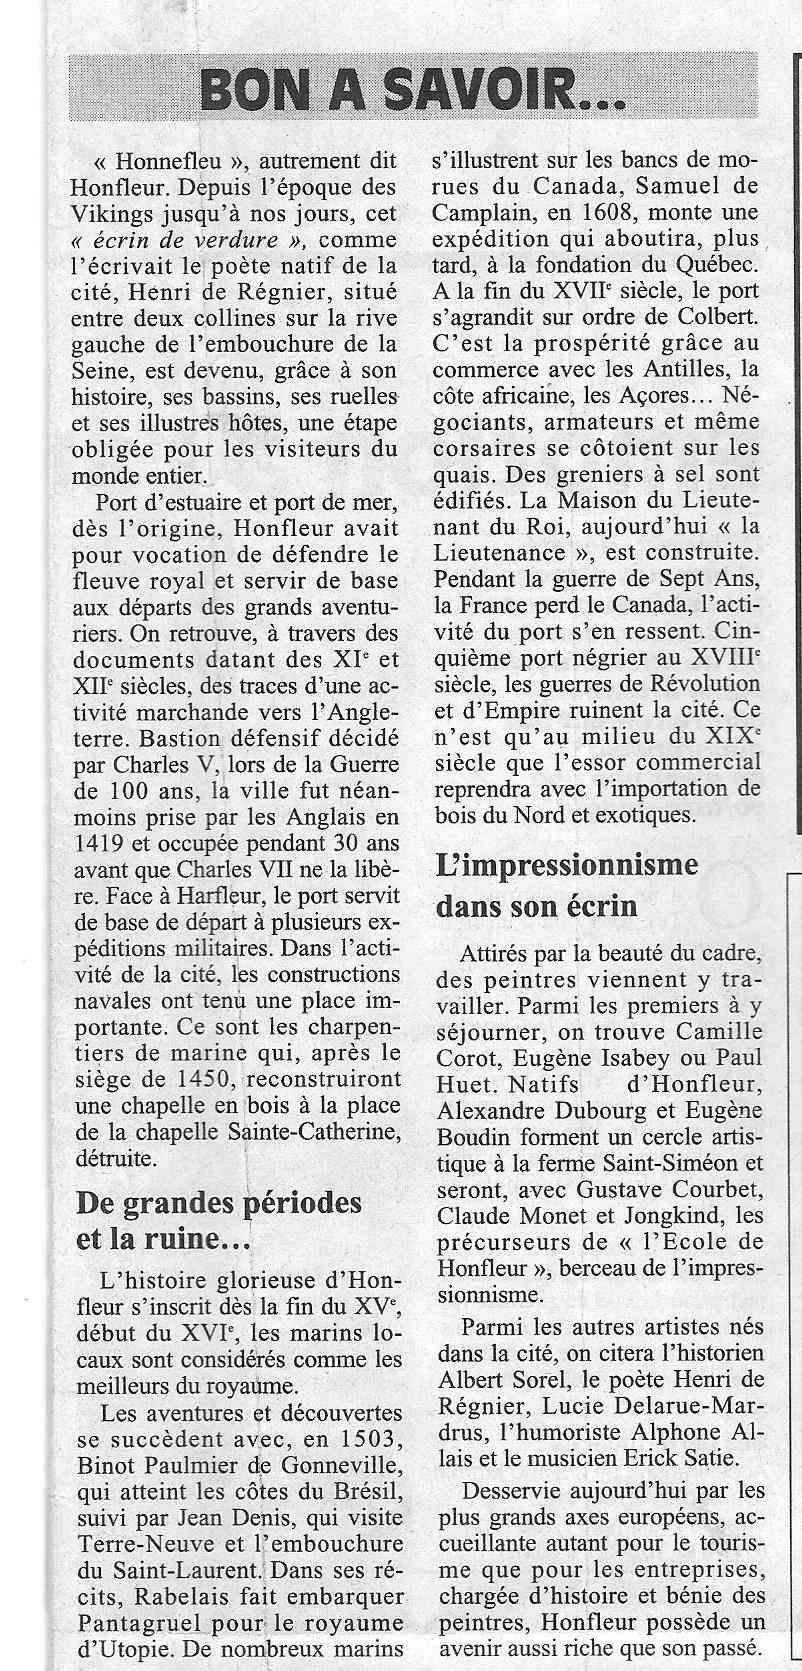 Histoire des communes - Honfleur 618